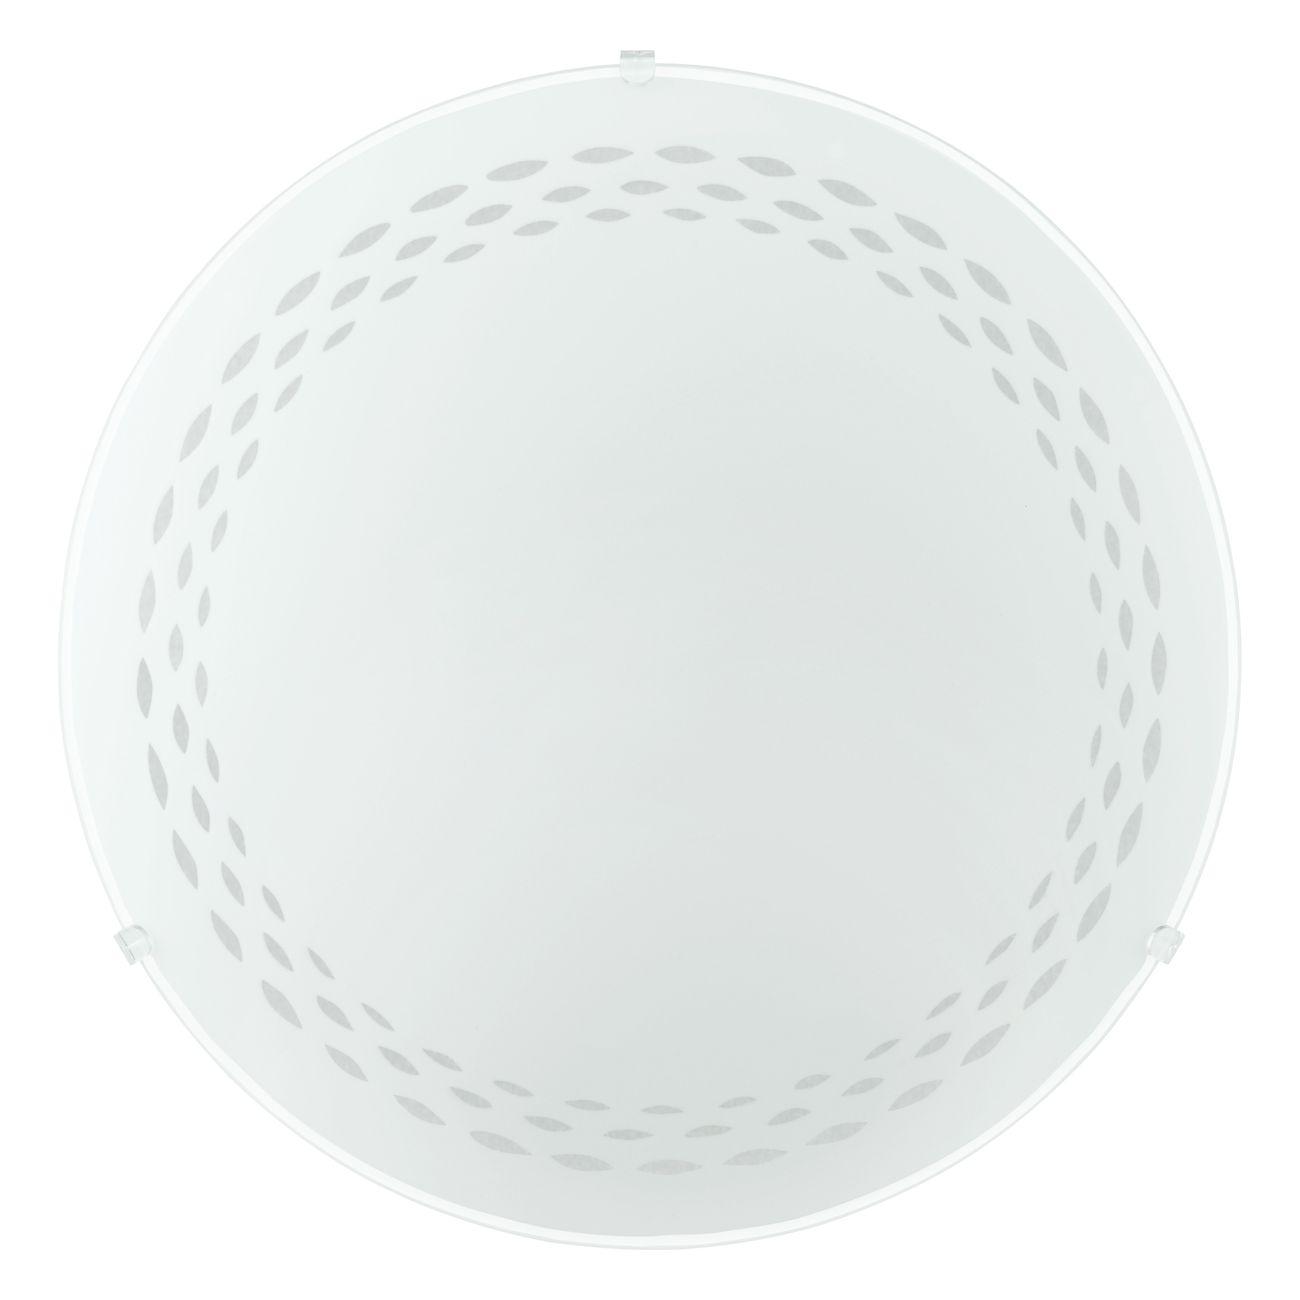 Eglo 86875 TWISTER stropní a nástěnné svítidlo